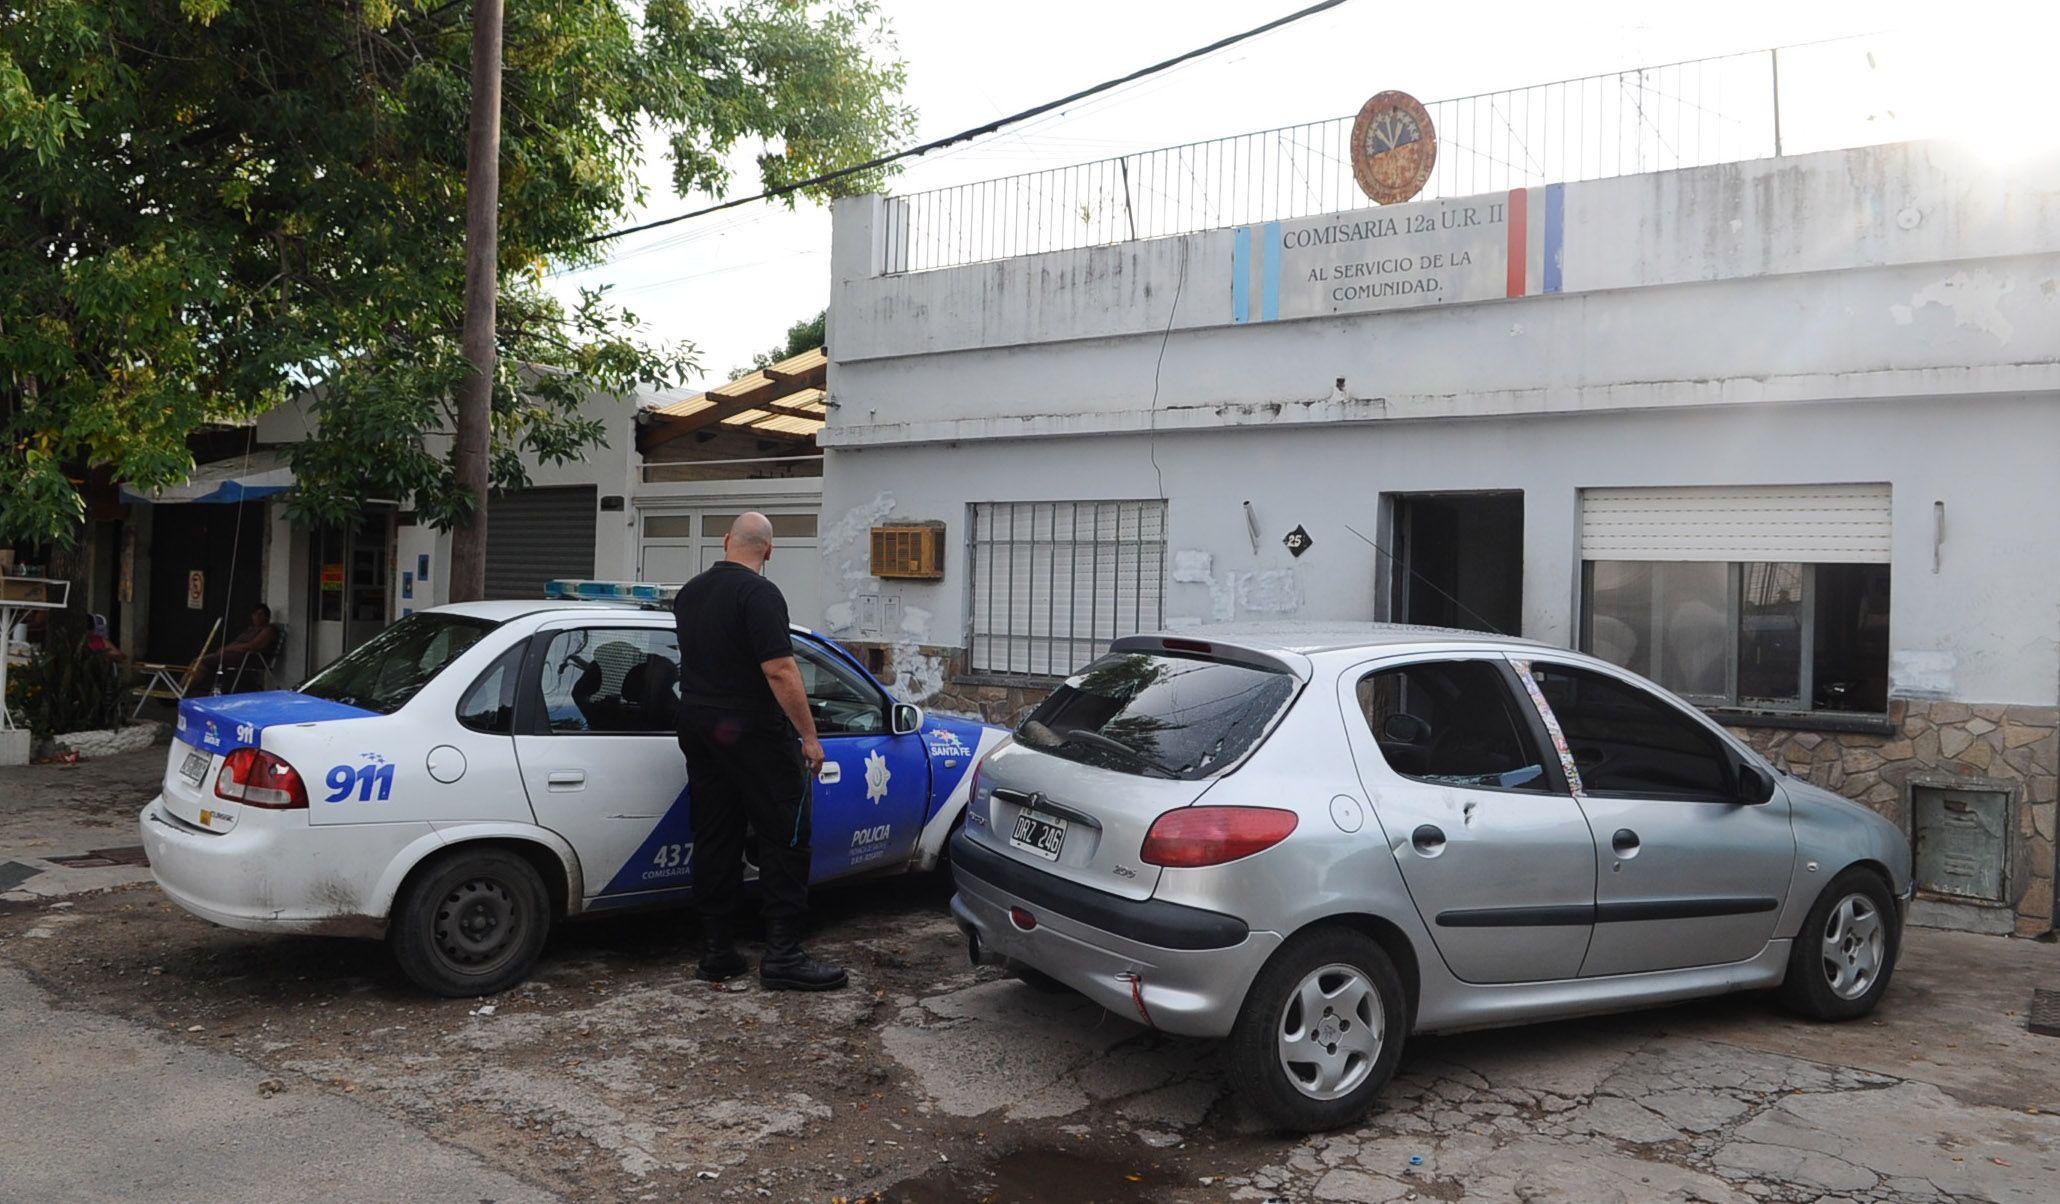 Las actuaciones del caso quedaron a cargo de la comisaría 12ª (Foto: Silvina Salinas)